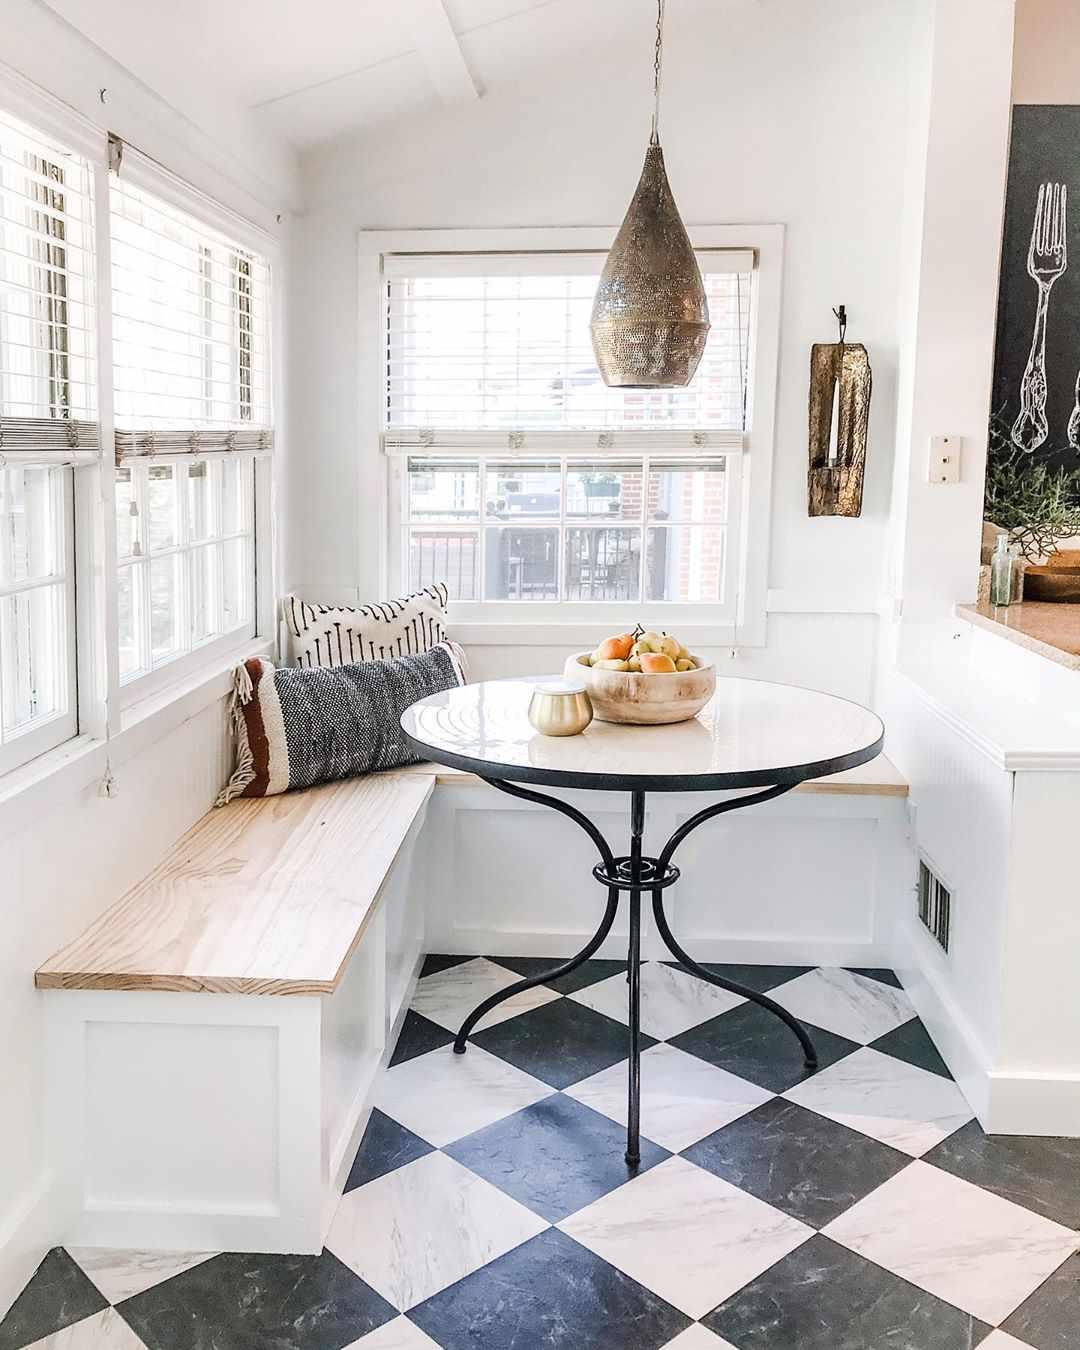 Breakfast nook in a kitchen